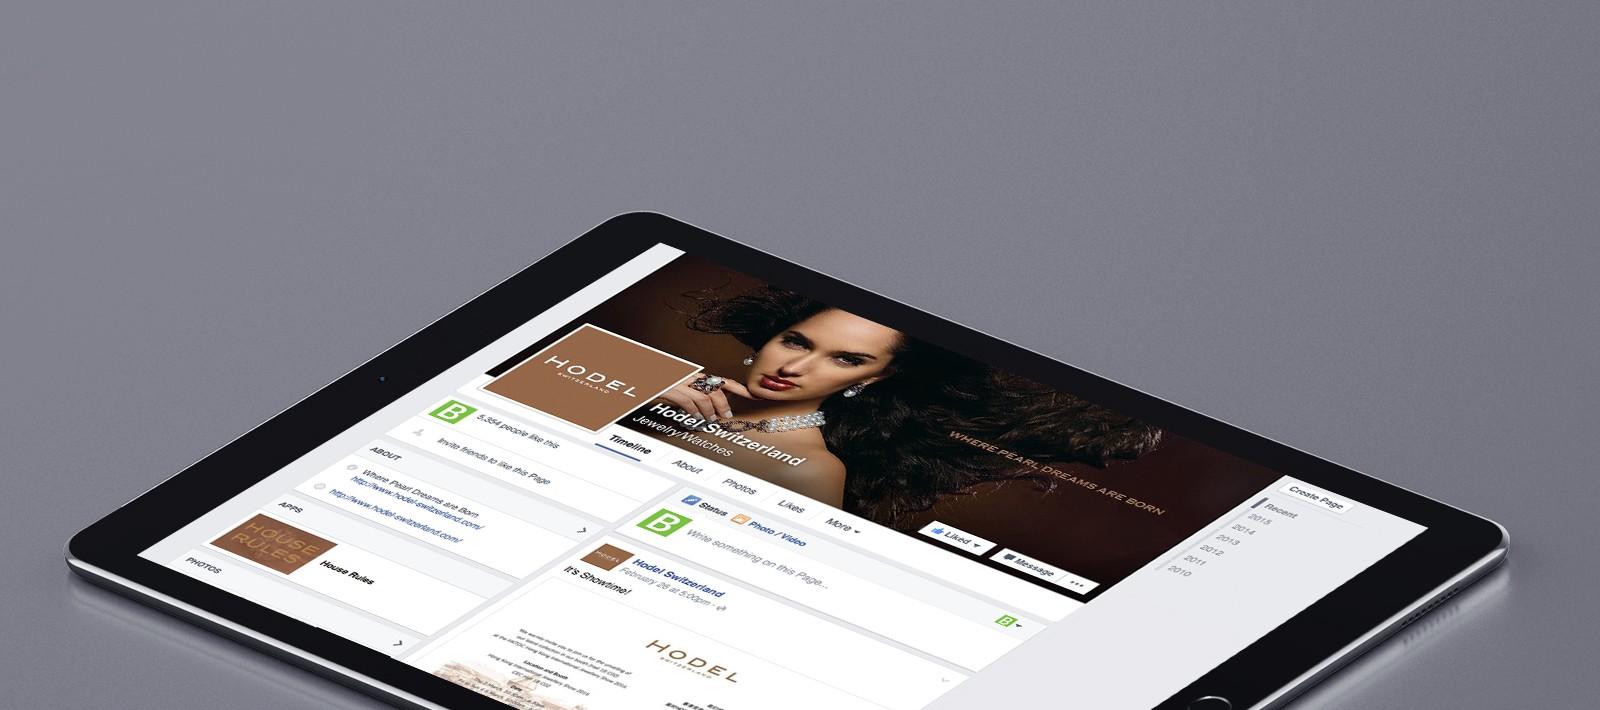 Hodel jewellery social media marketing